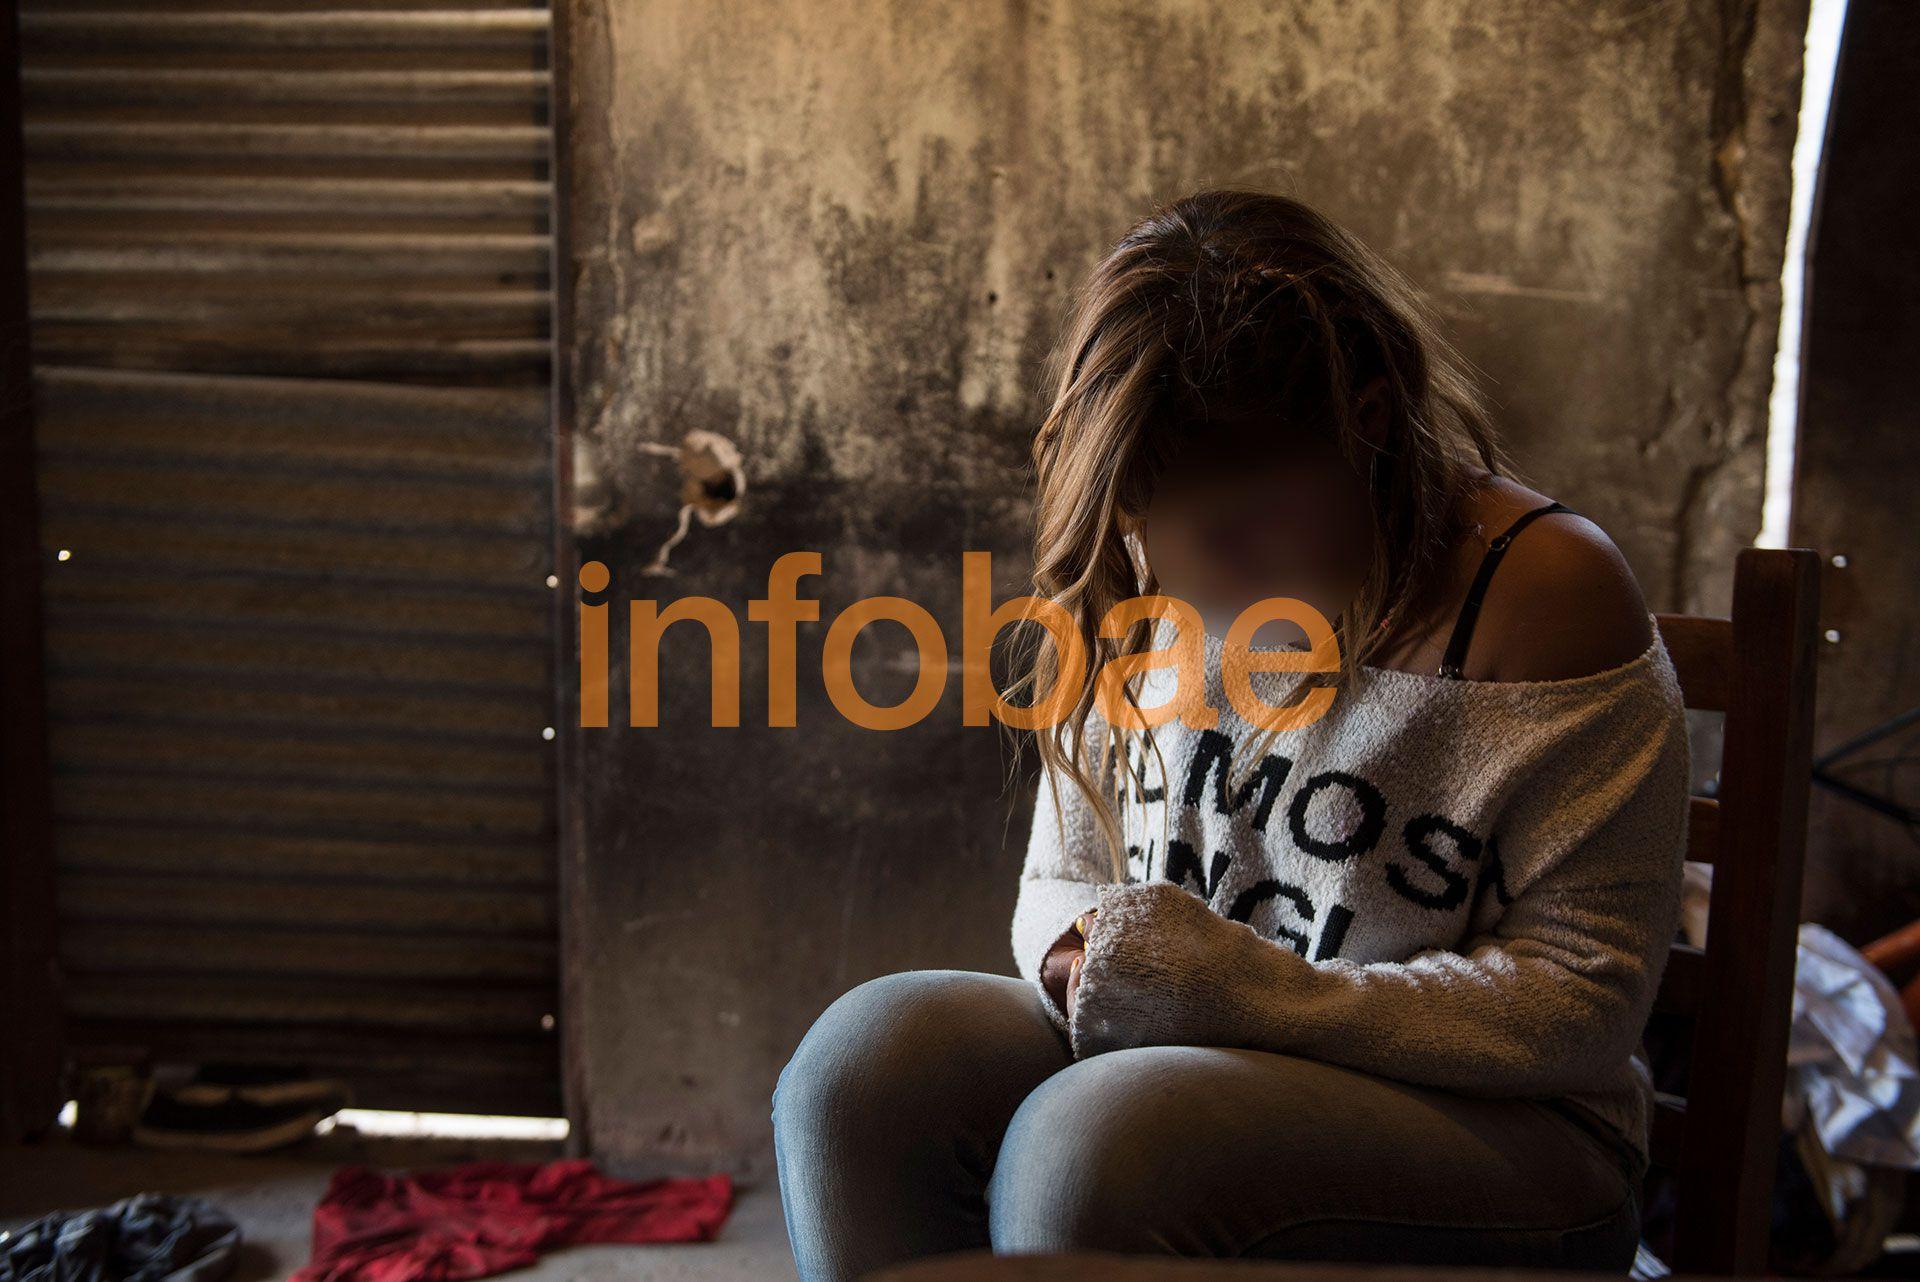 Miki, la víctima, en la casilla en donde se refugió tras el ataque (Guille Llamos)